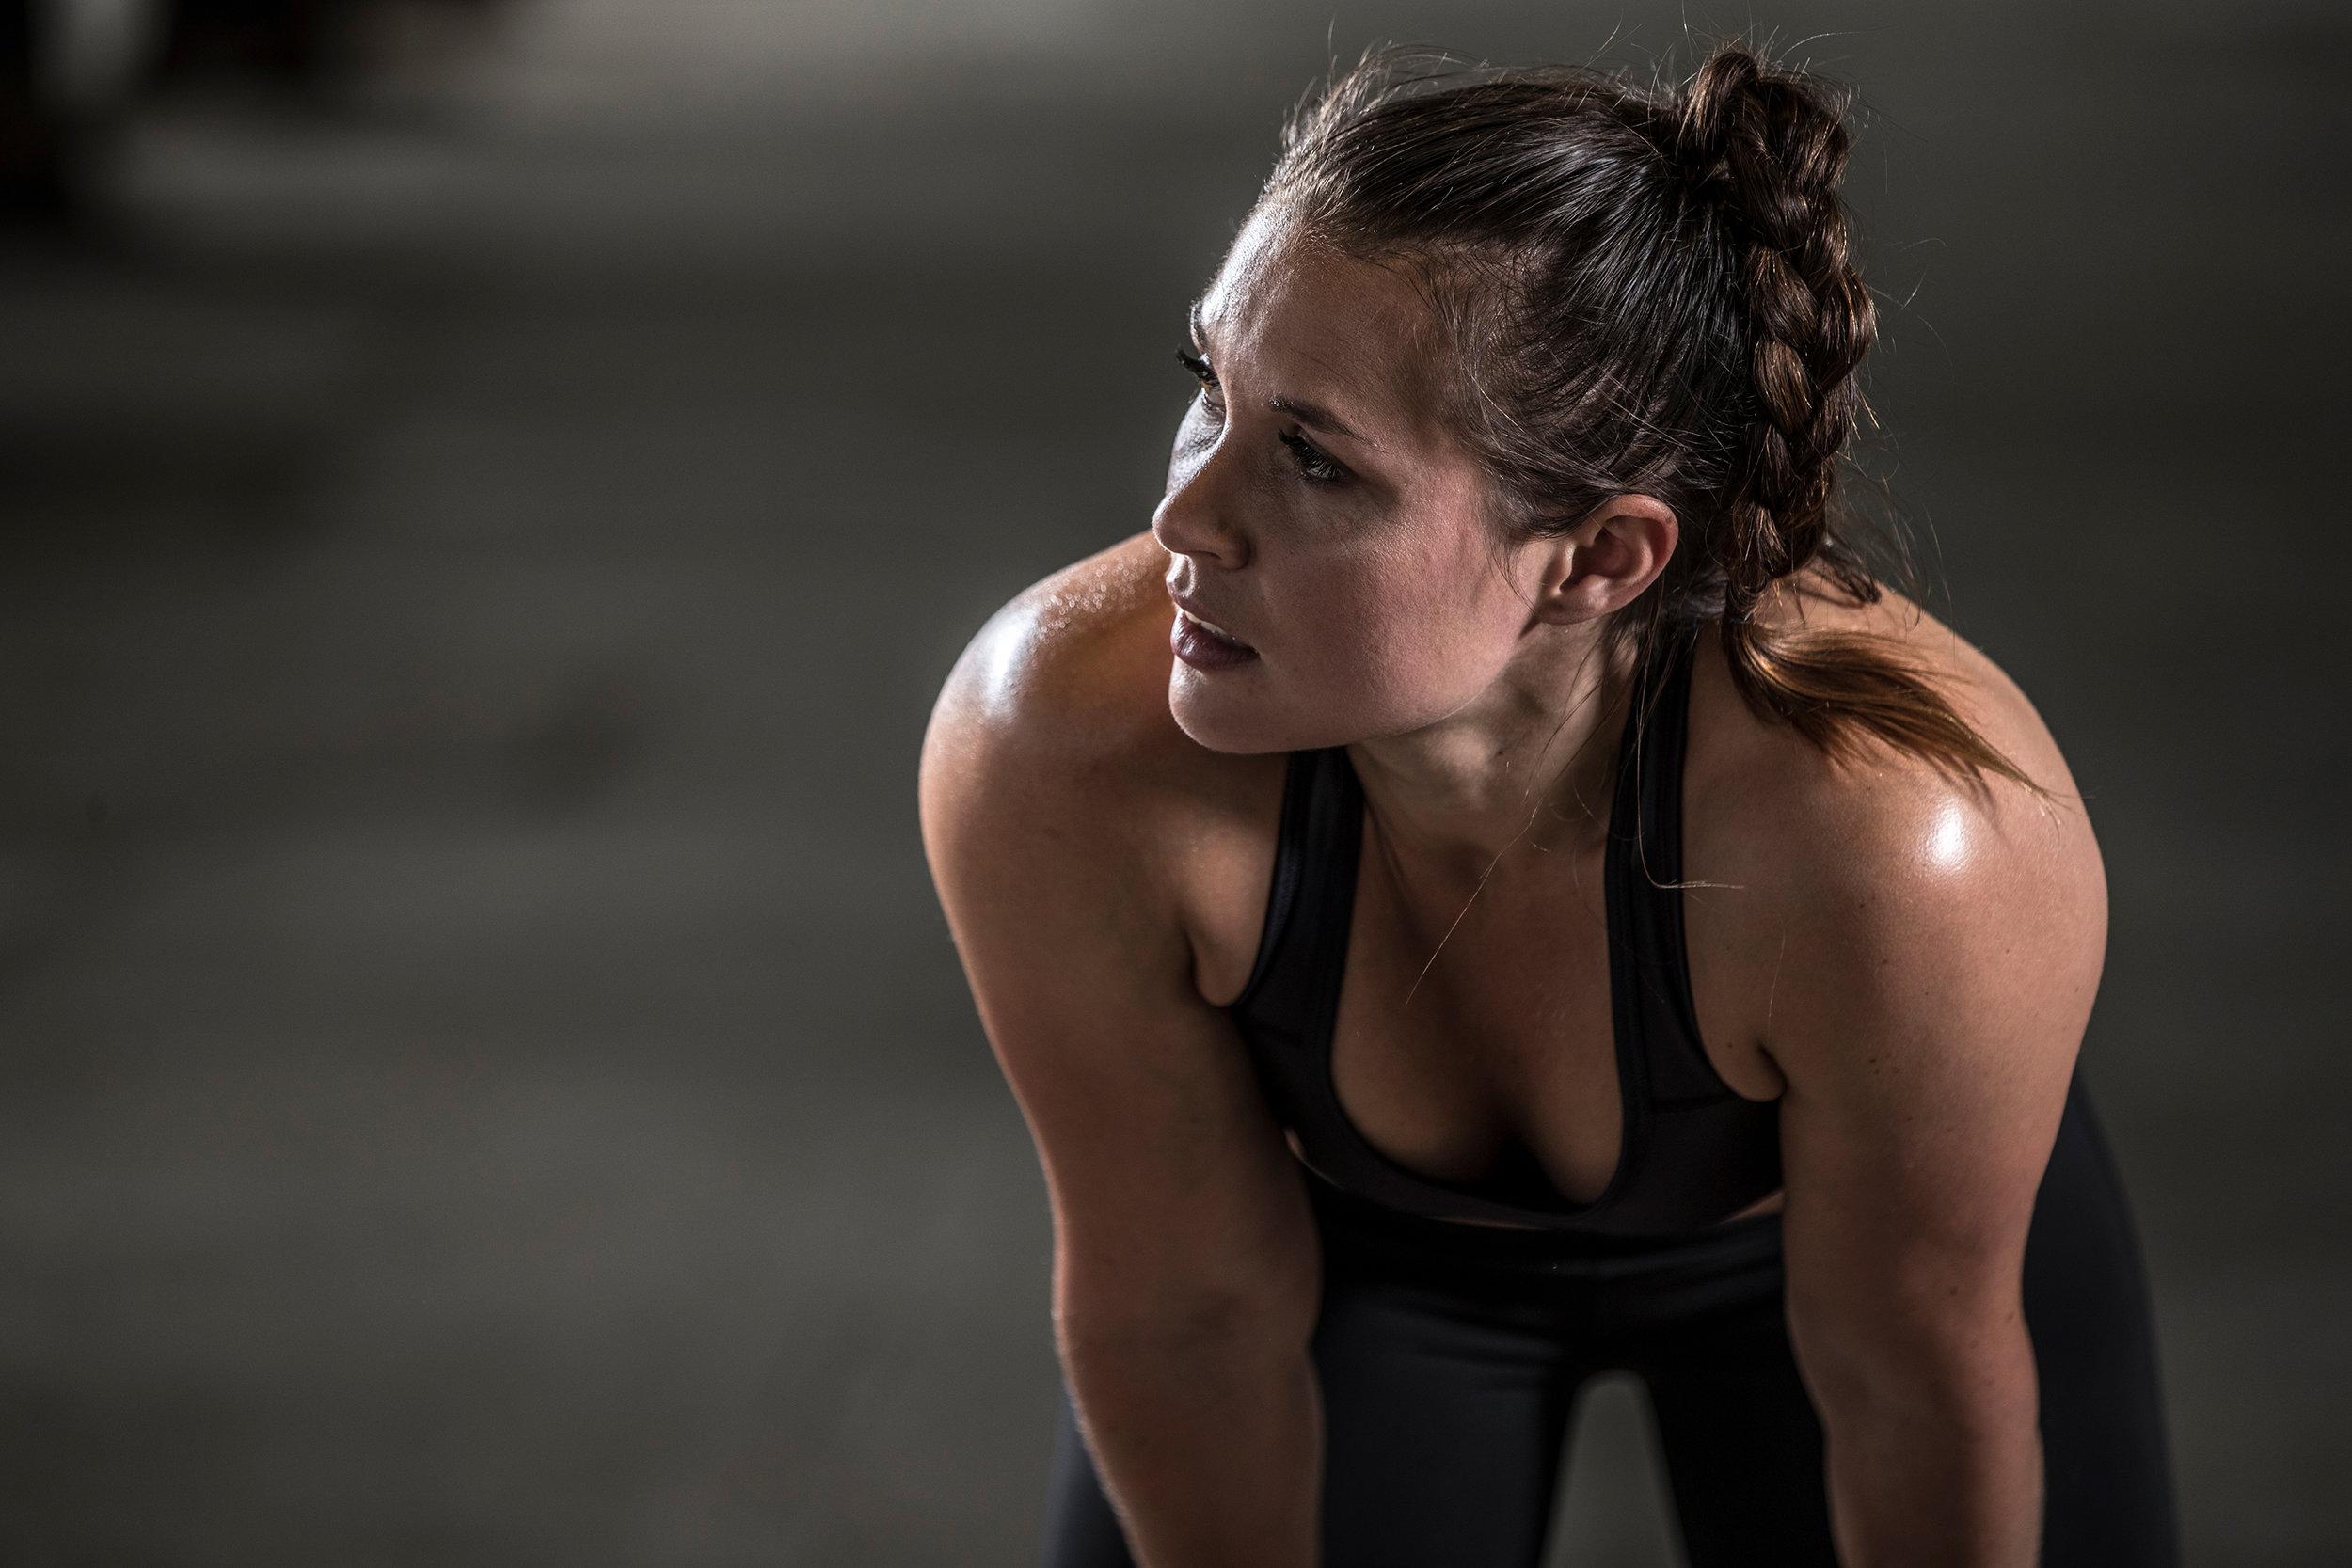 power-by-lisa-goteborg-fitness-02.jpg